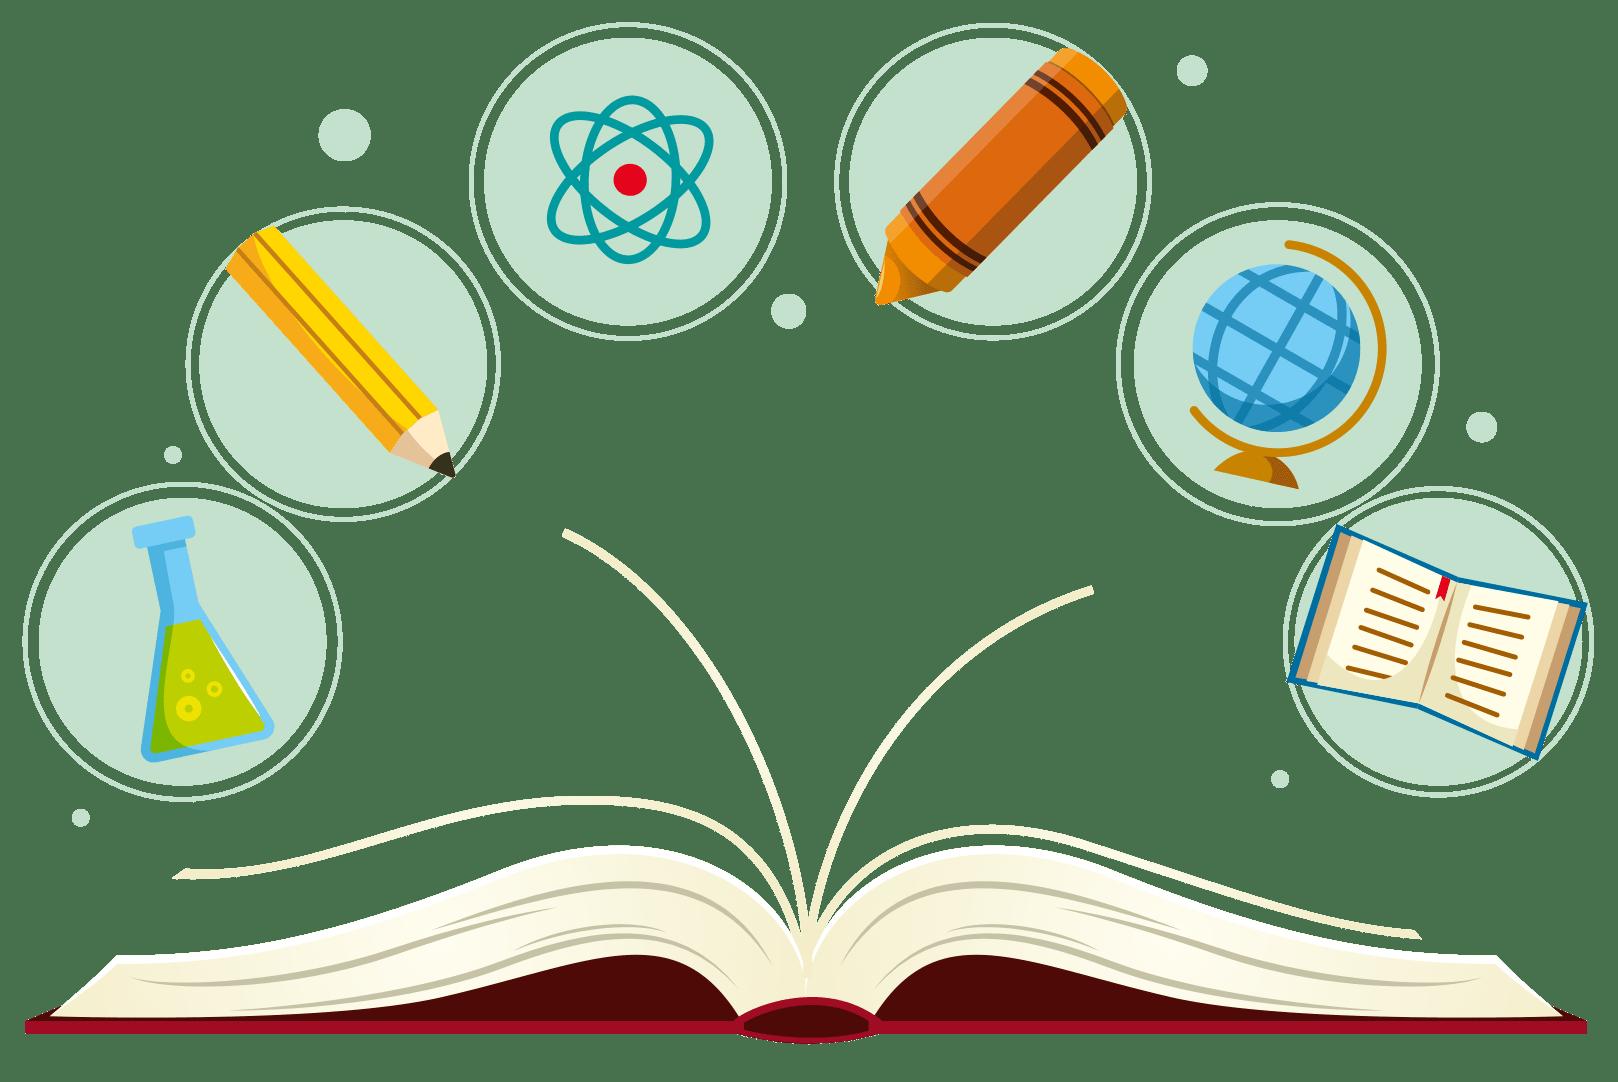 آموزش دبیرستان باقرالعلوم